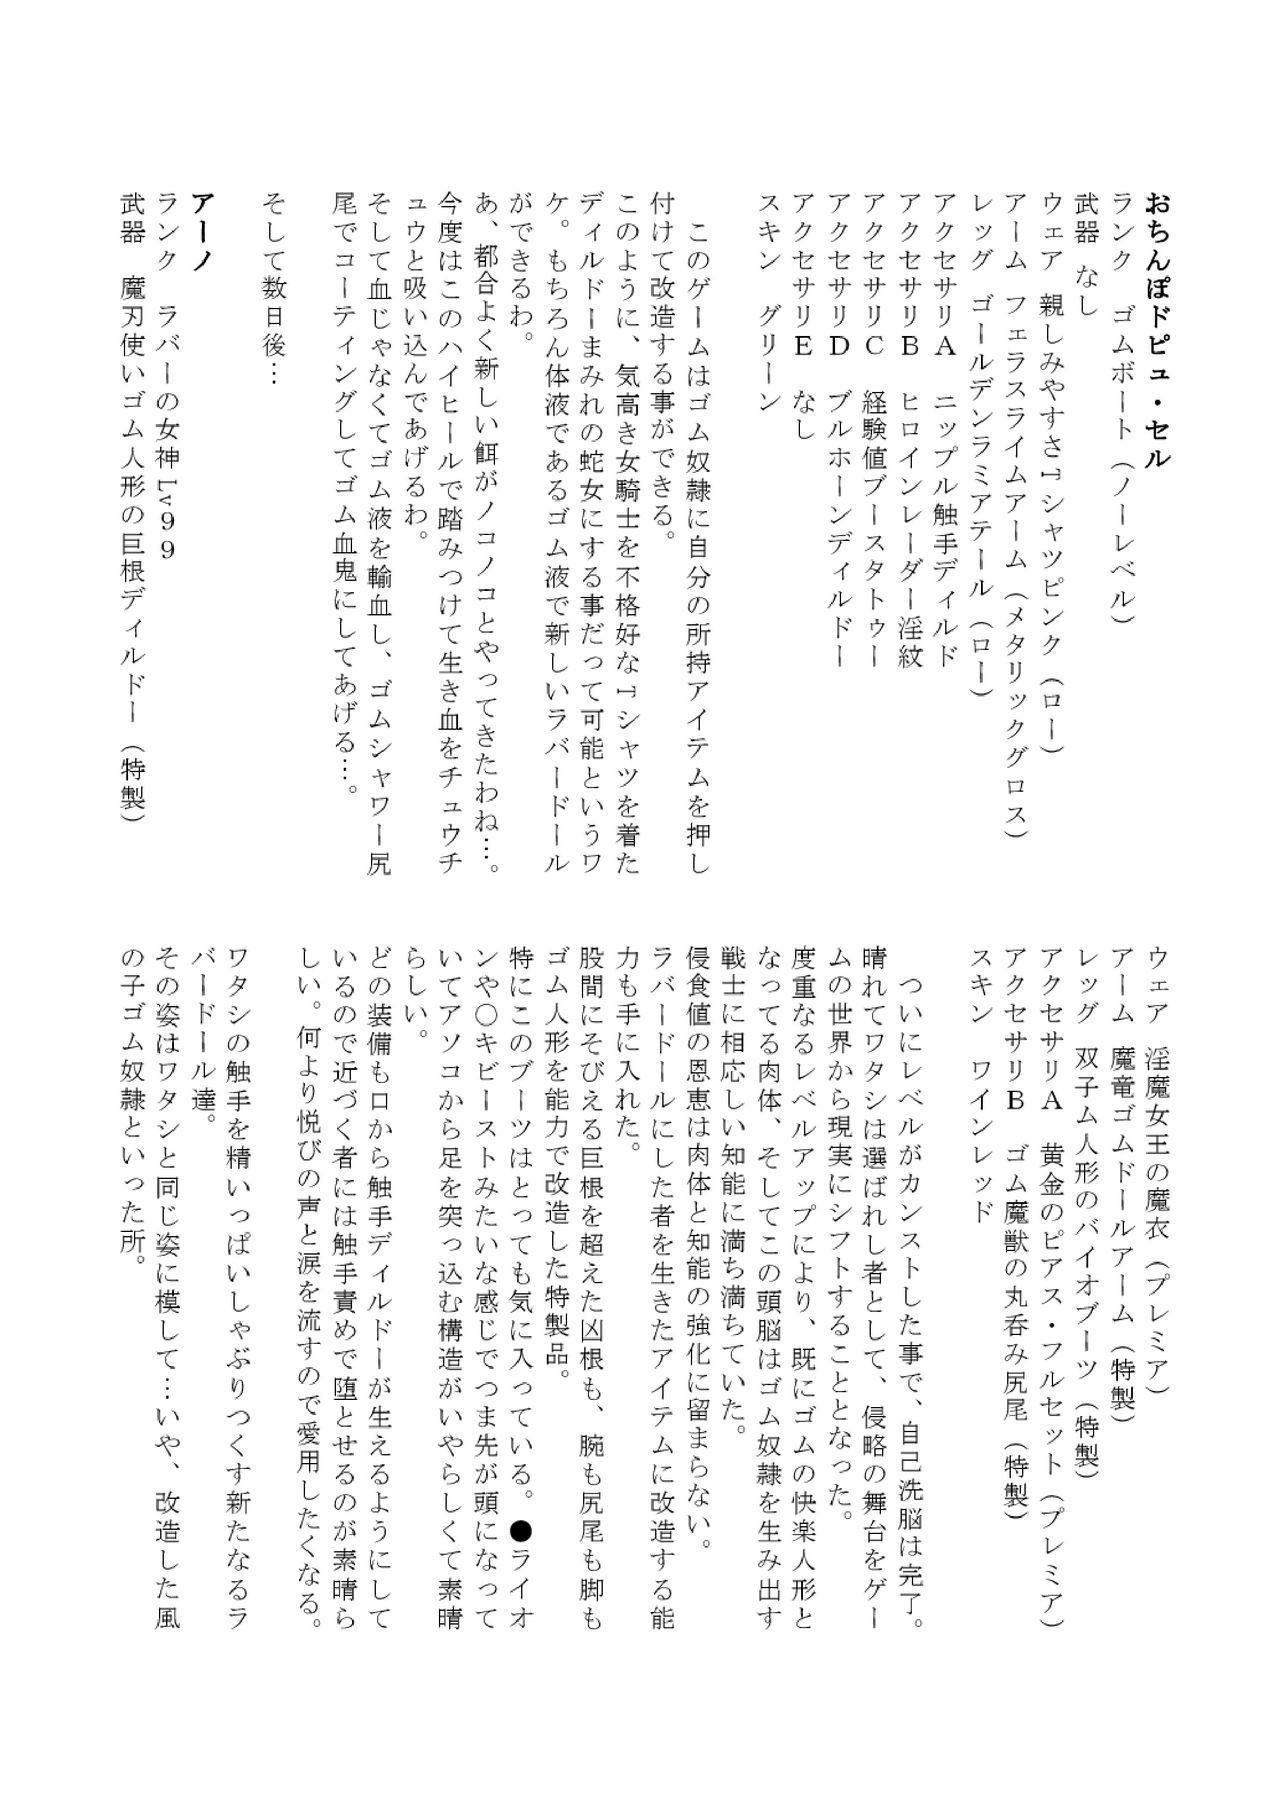 Gomboat-ka Goudou Zecchou Gomu 56